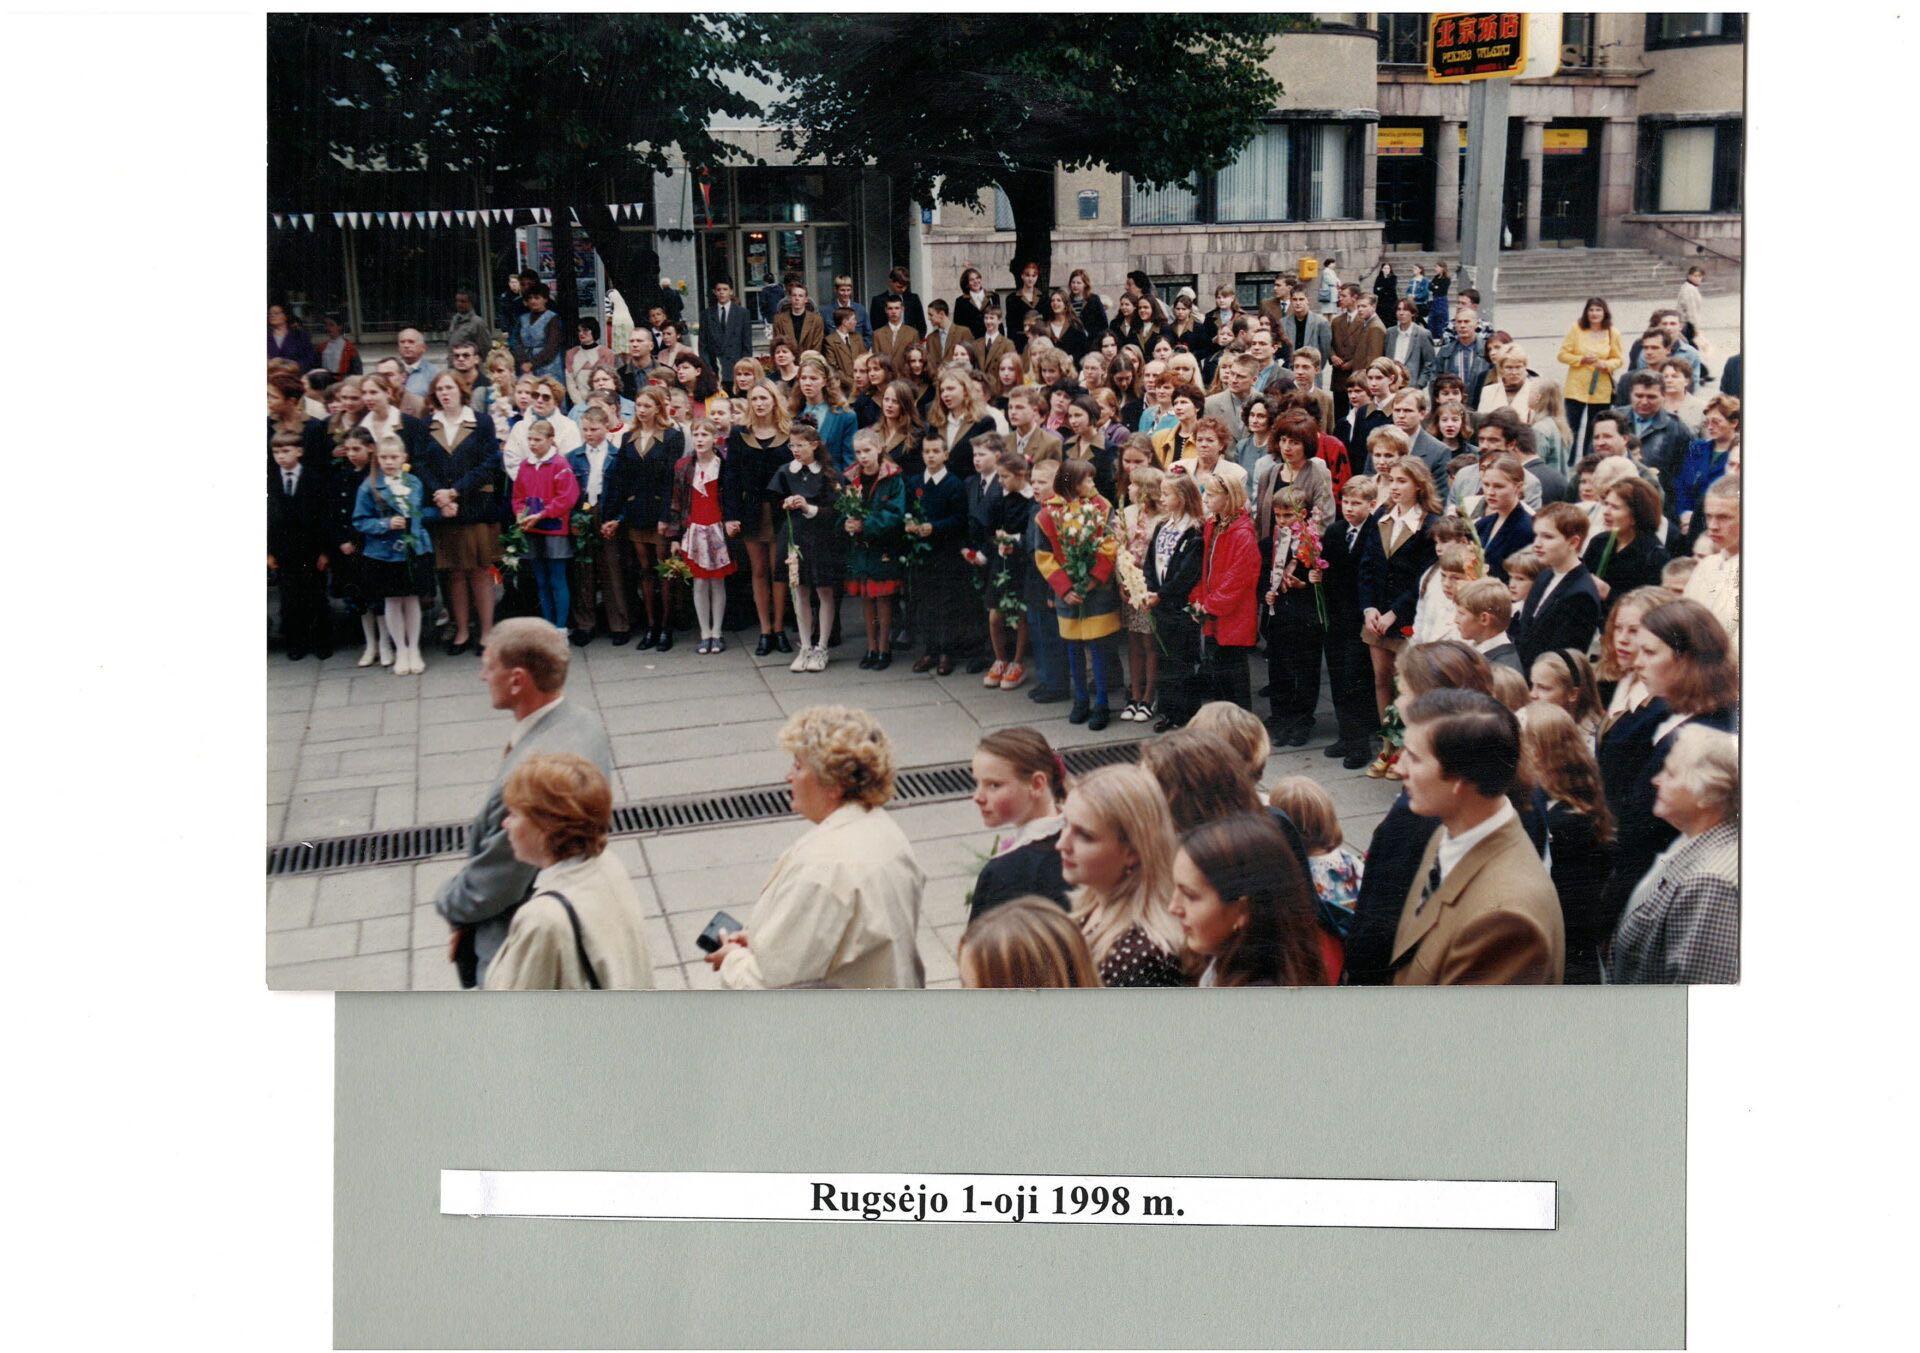 1998 m. Rugsėjo 1-oji